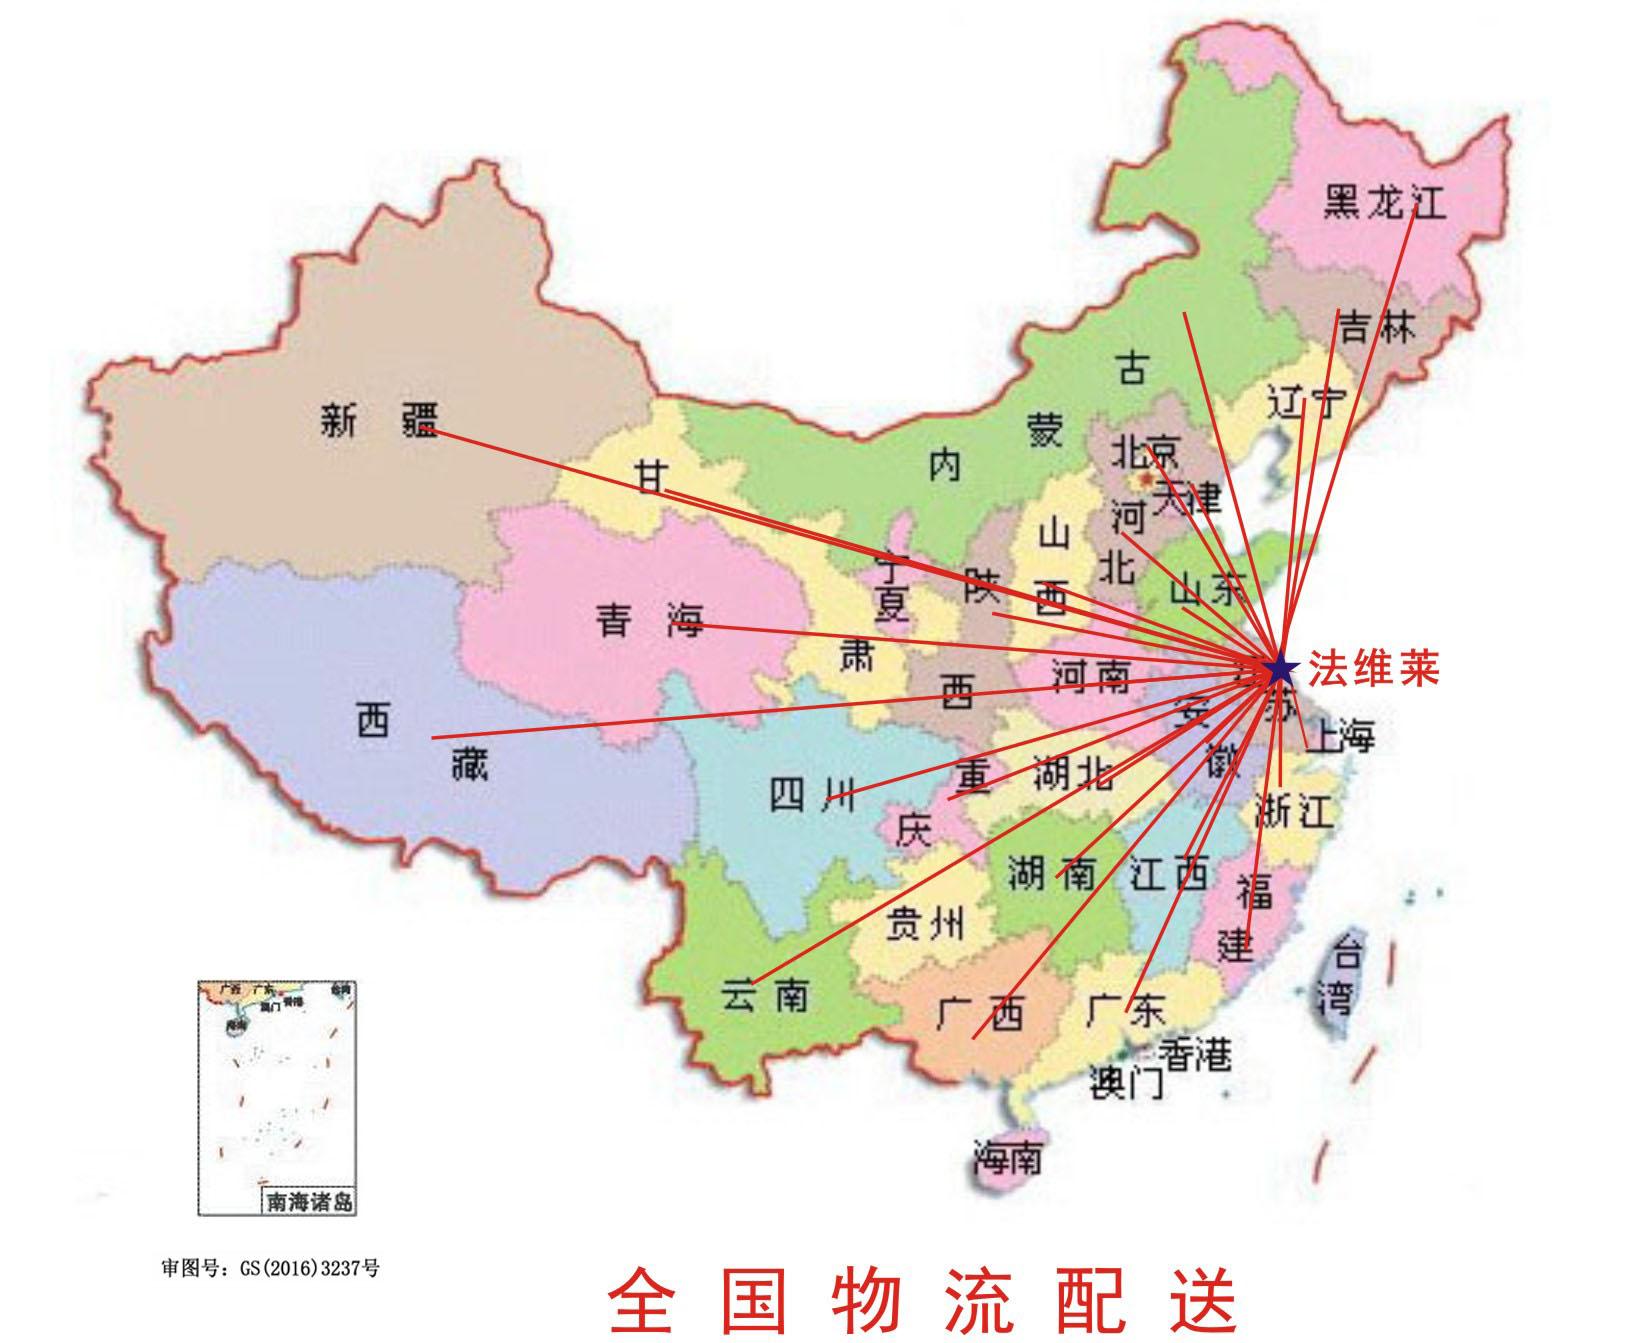 南京ag8国际dianqiyou限公司服务wang点范围